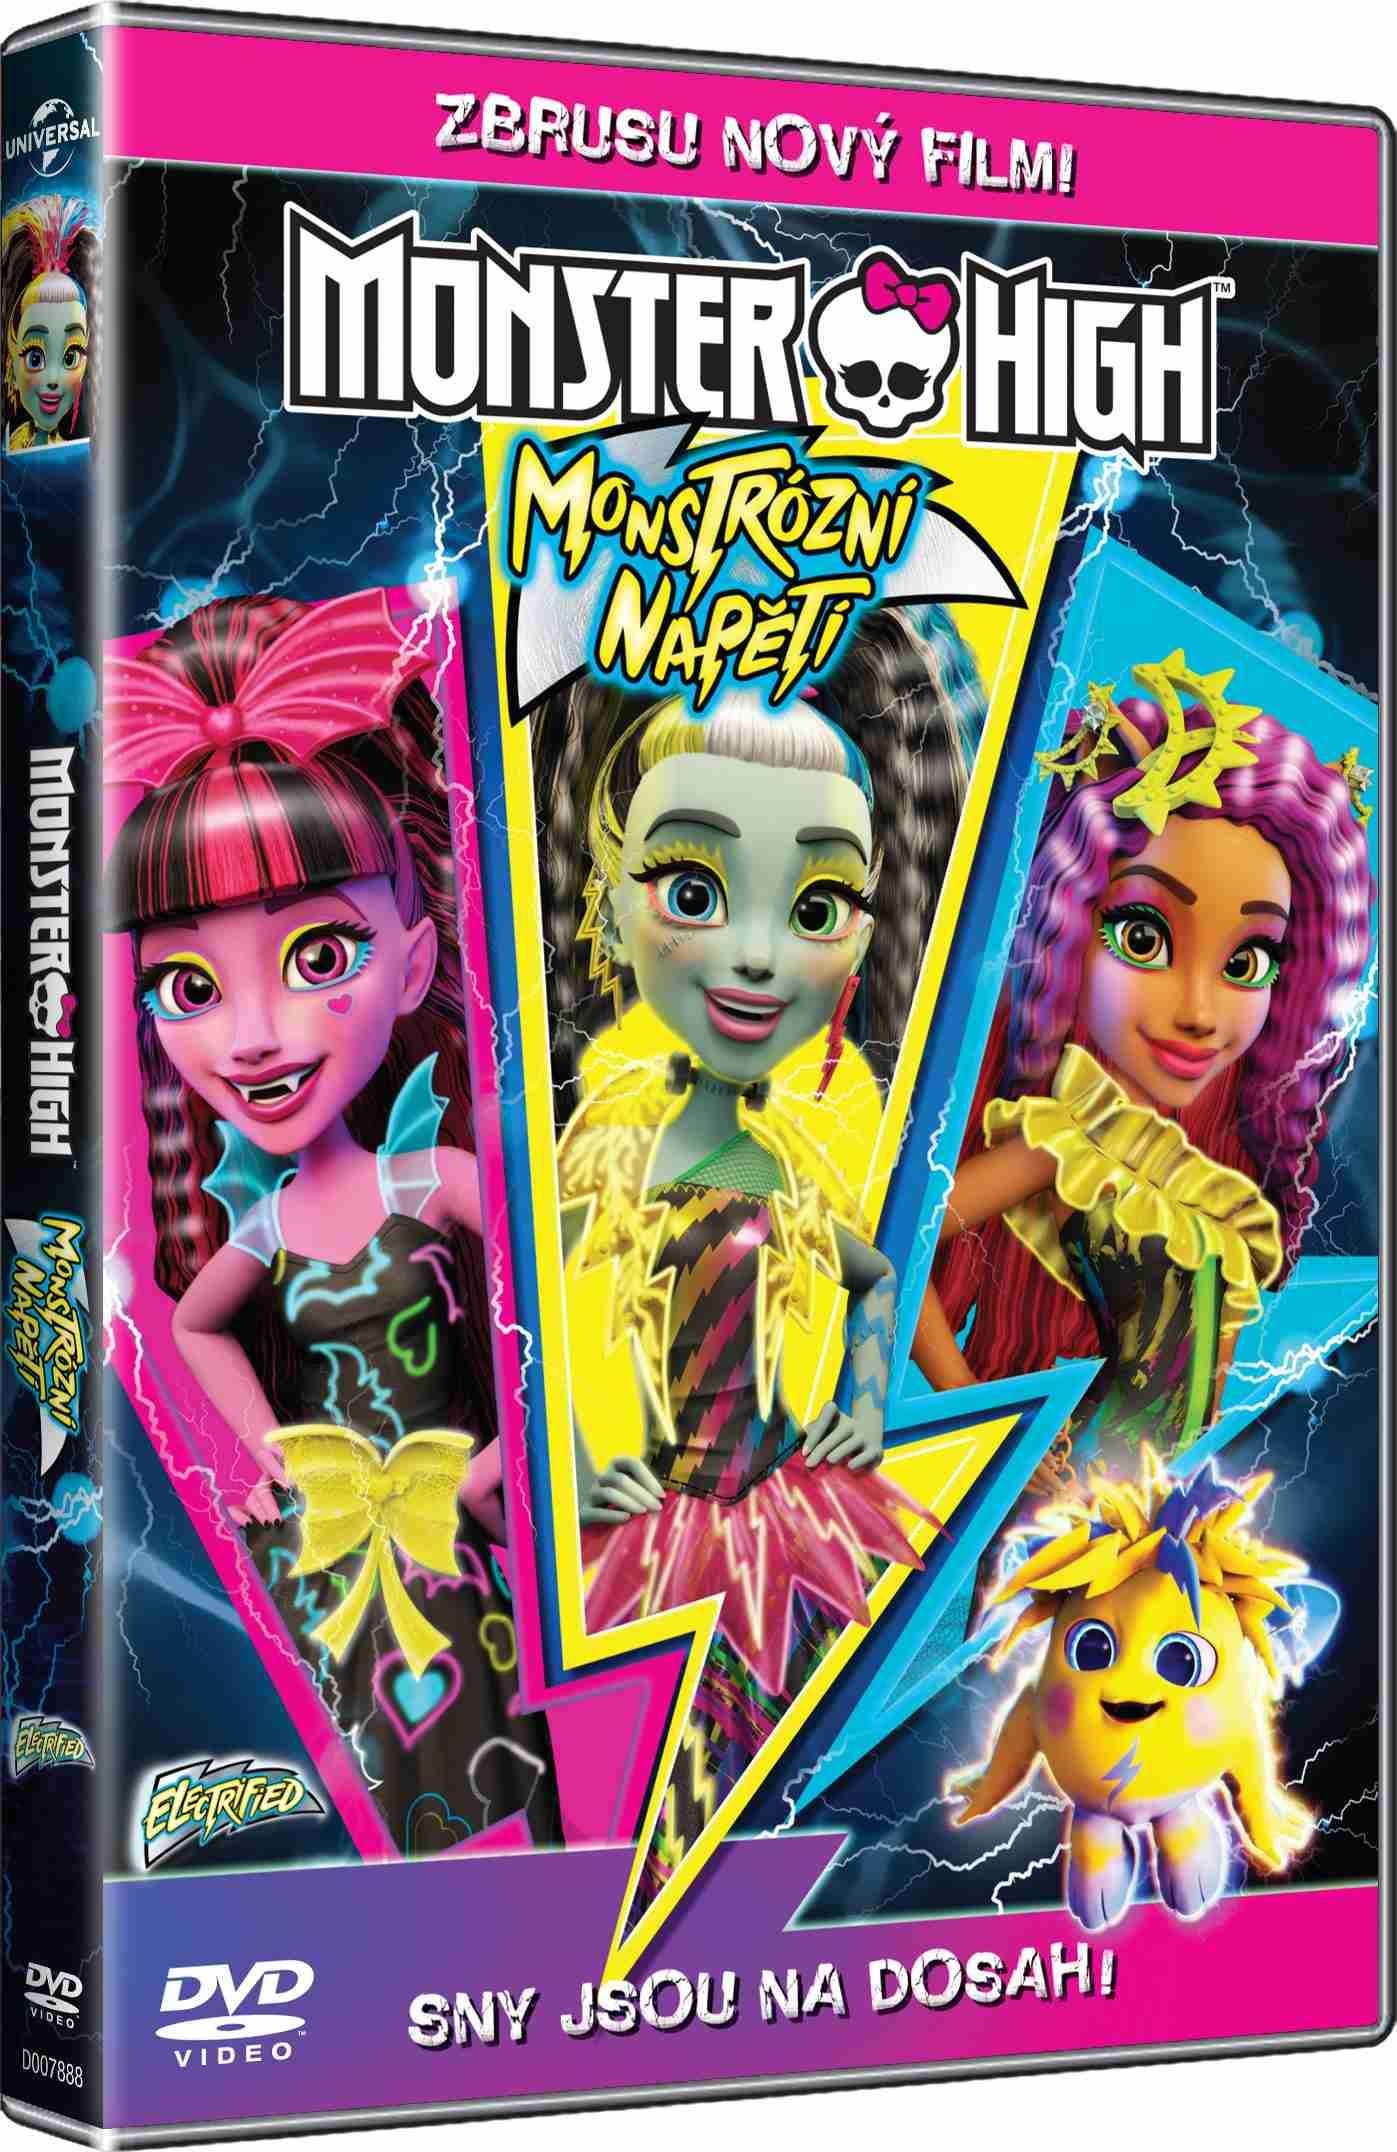 MONSTER HIGH: MONSTRÓZNÍ NAPĚTÍ - DVD